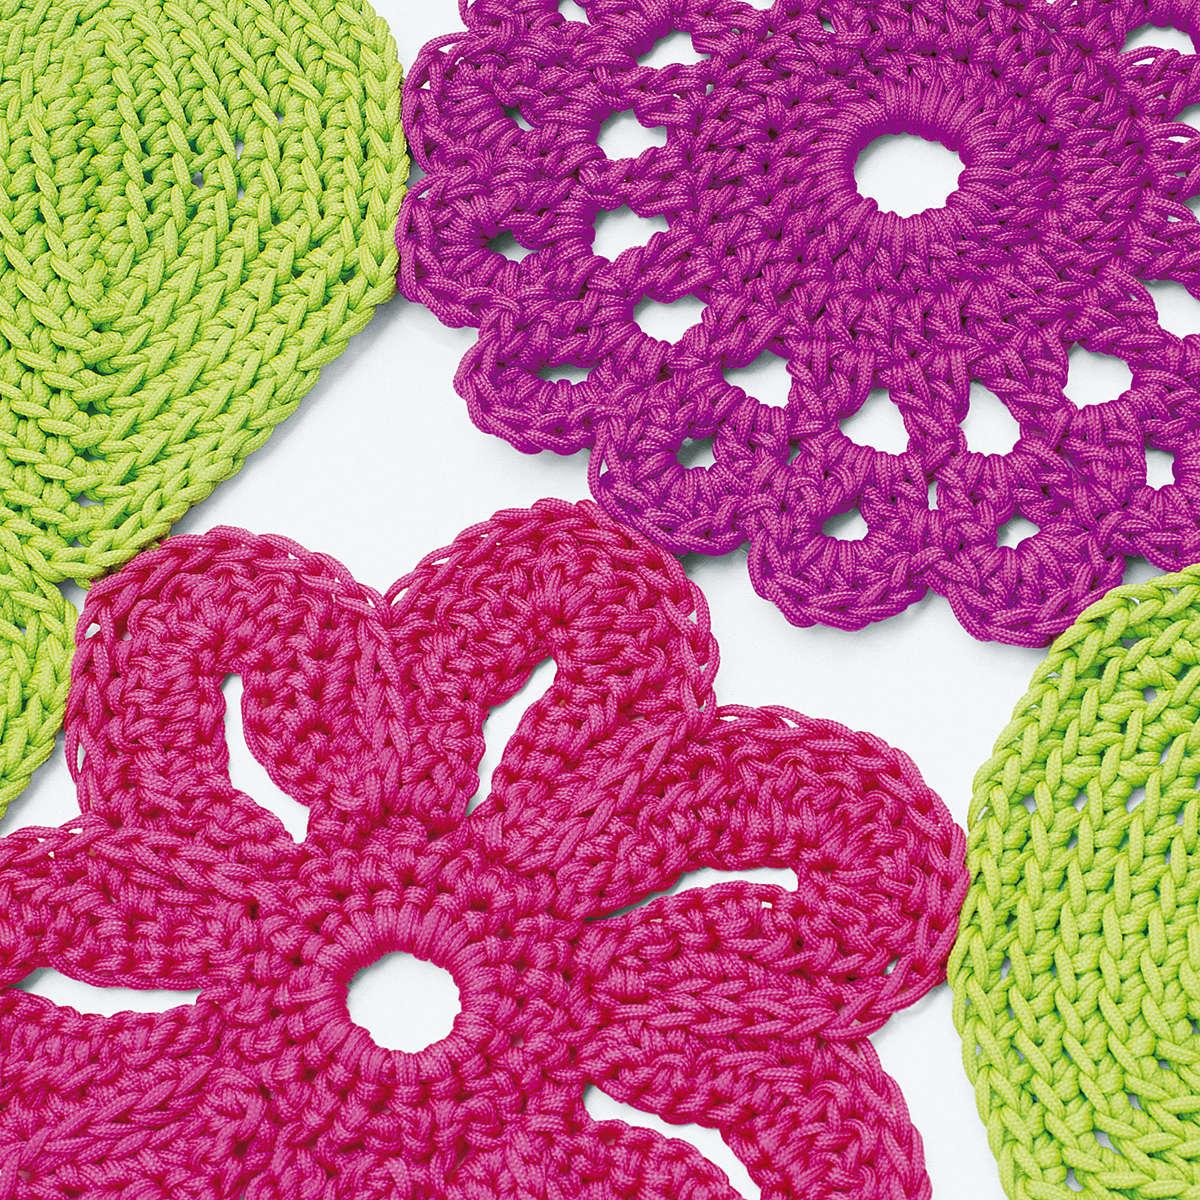 Plr05 Crochet Detail